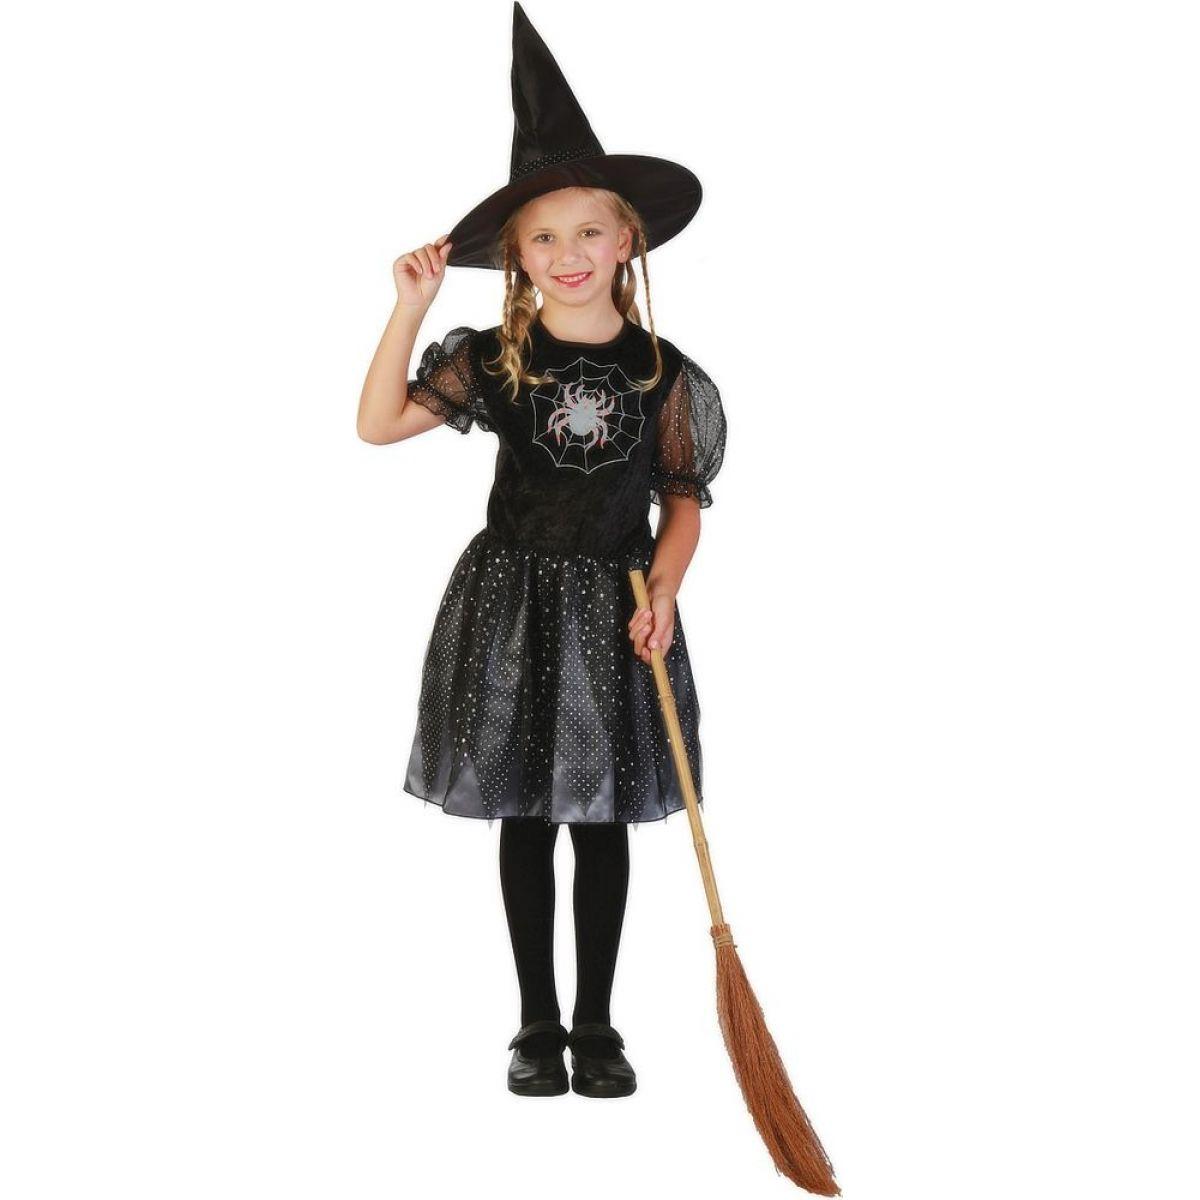 Made Dětský kostým Čarodějnice 120-130 cm MaDe